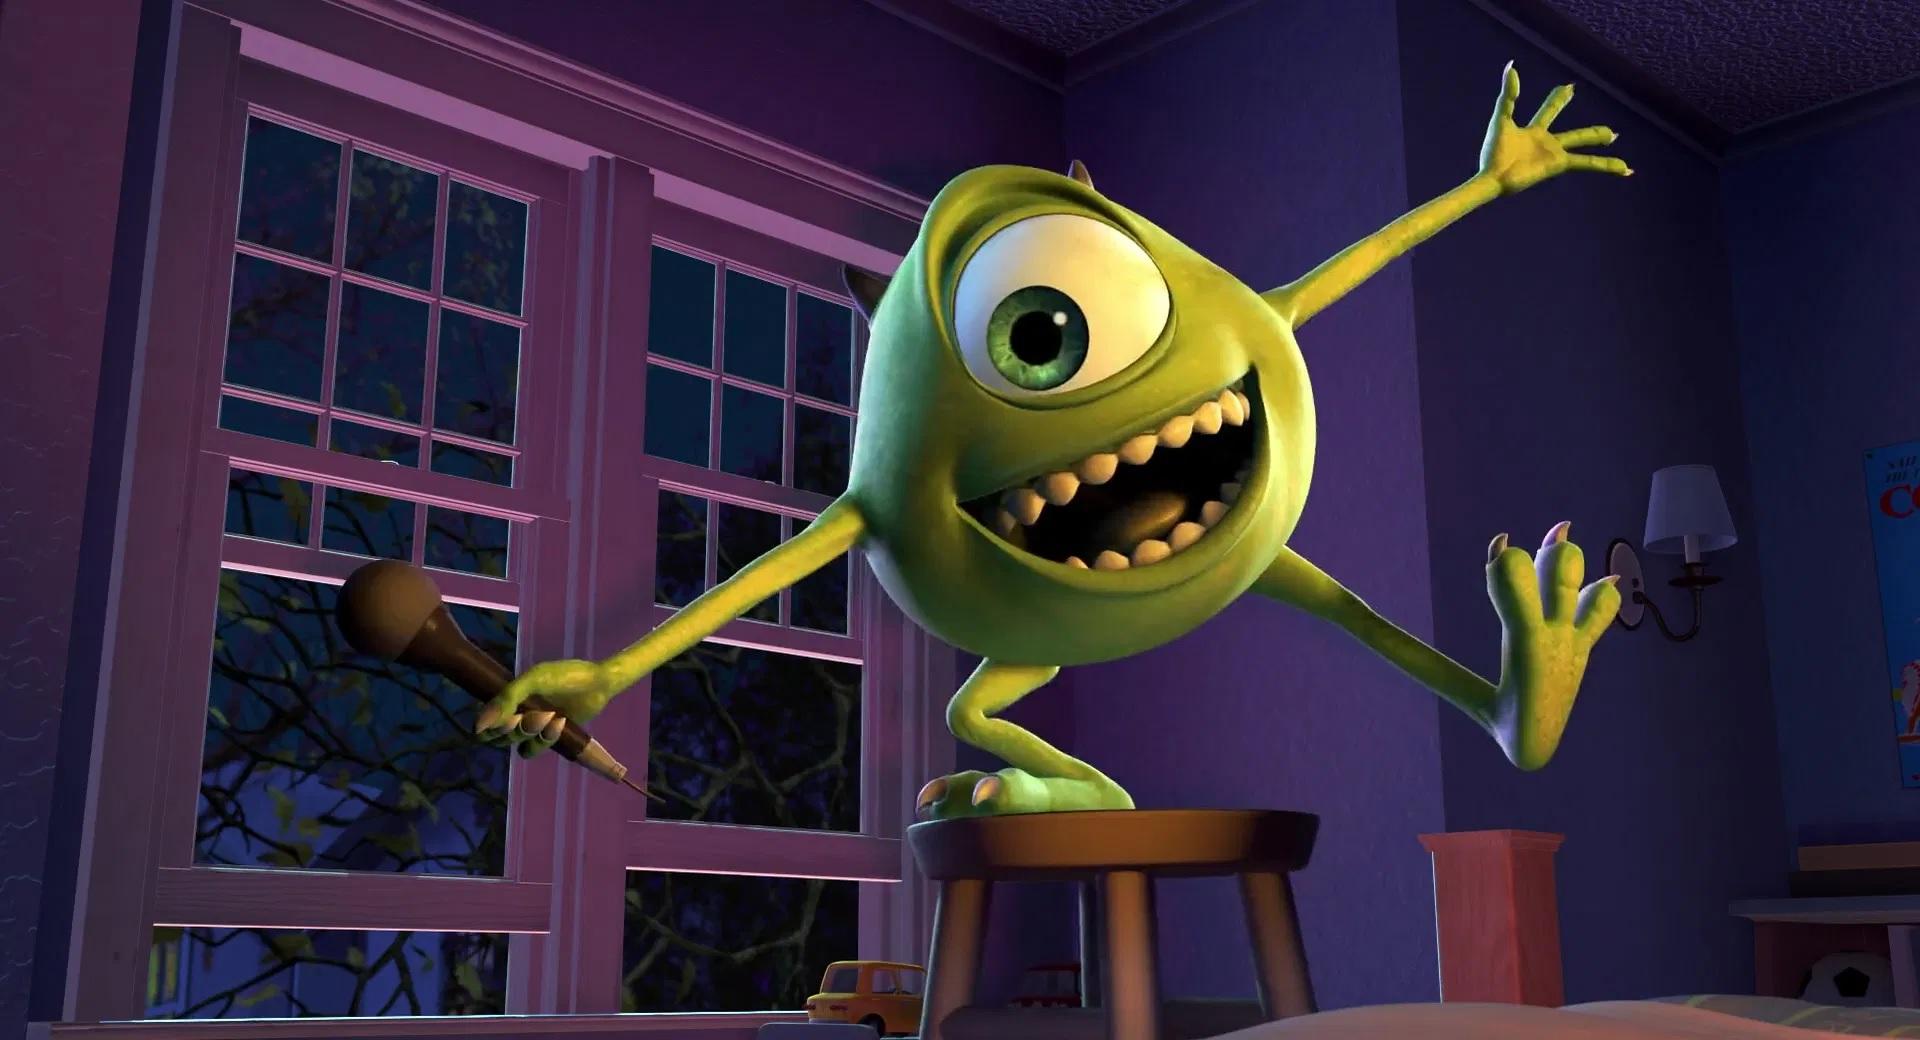 Funny Memes Meme Relatable Monsters Inc Art 2019 In 2020